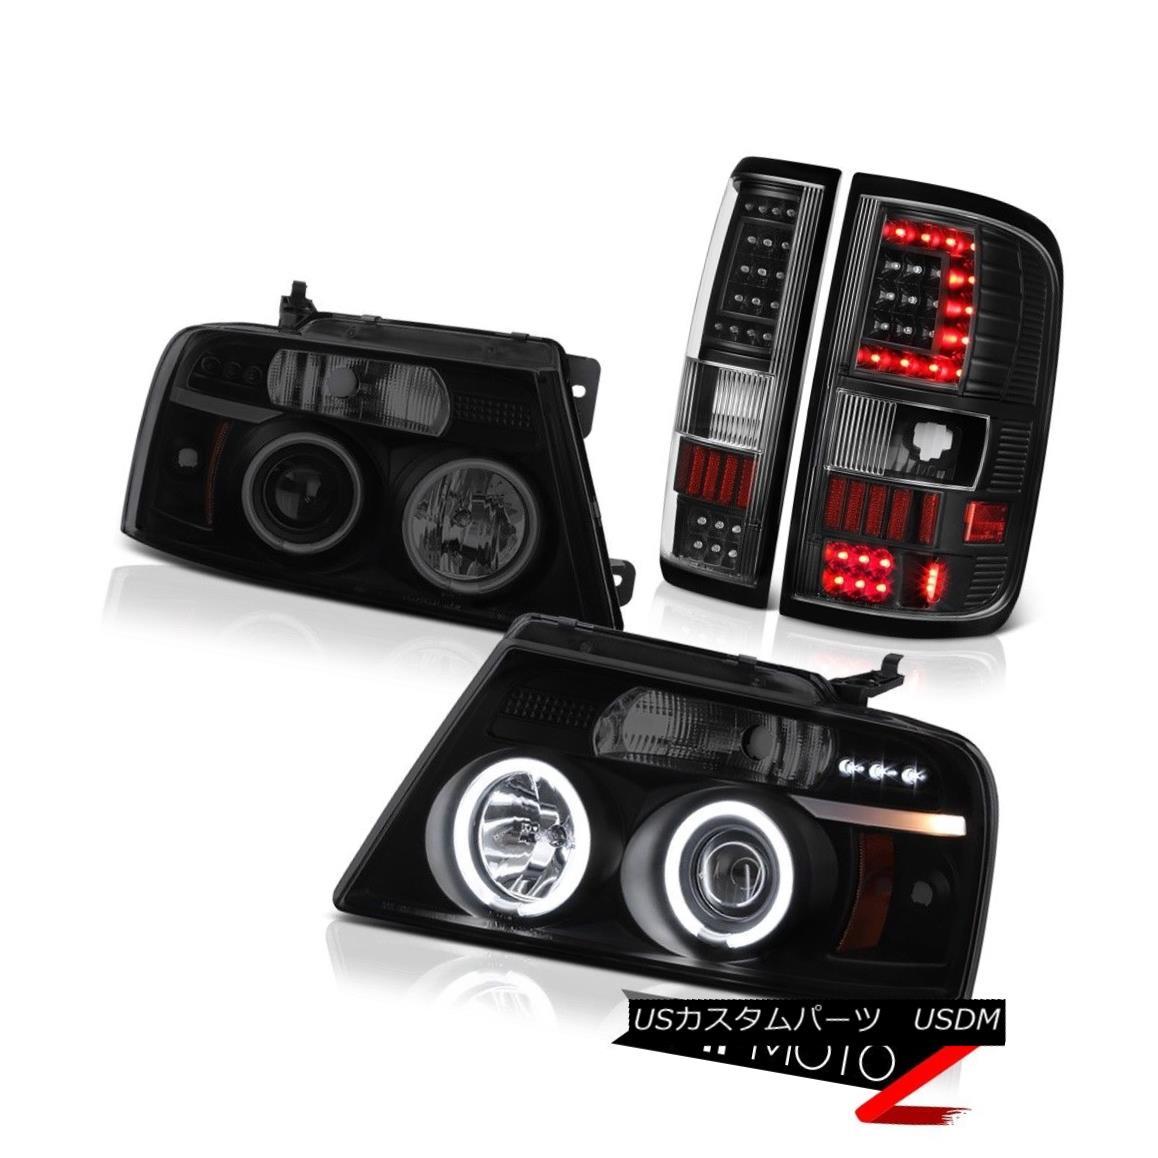 テールライト 04 05 06 07 08 Ford F150 F-150 Black Neon Tube Tail Lights Darkest Smoke Head 04 05 06 07 08フォードF150 F-150ブラックネオンチューブテールライトダークスモークヘッド